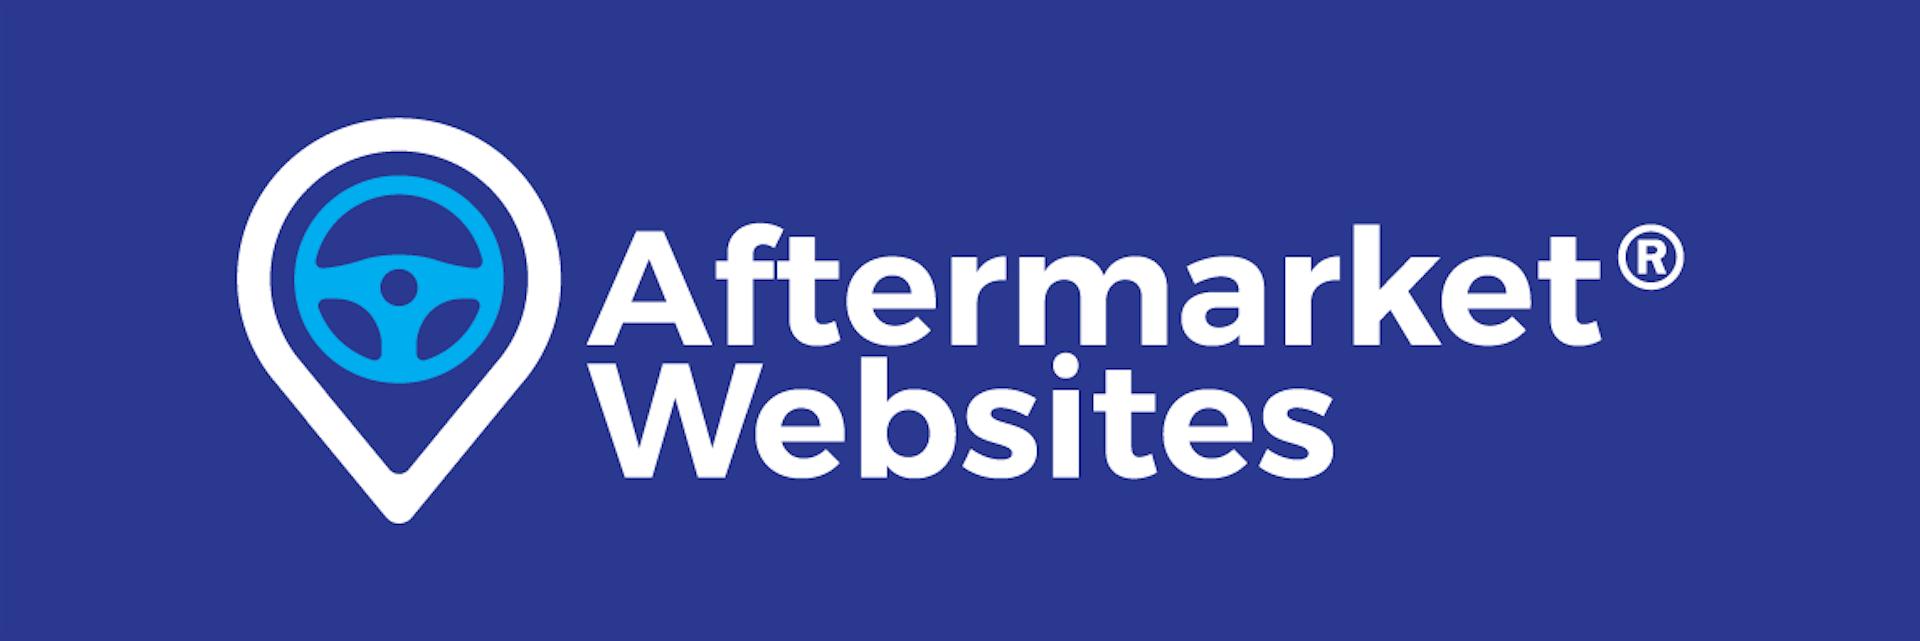 Aftermarket Websites Banner 1